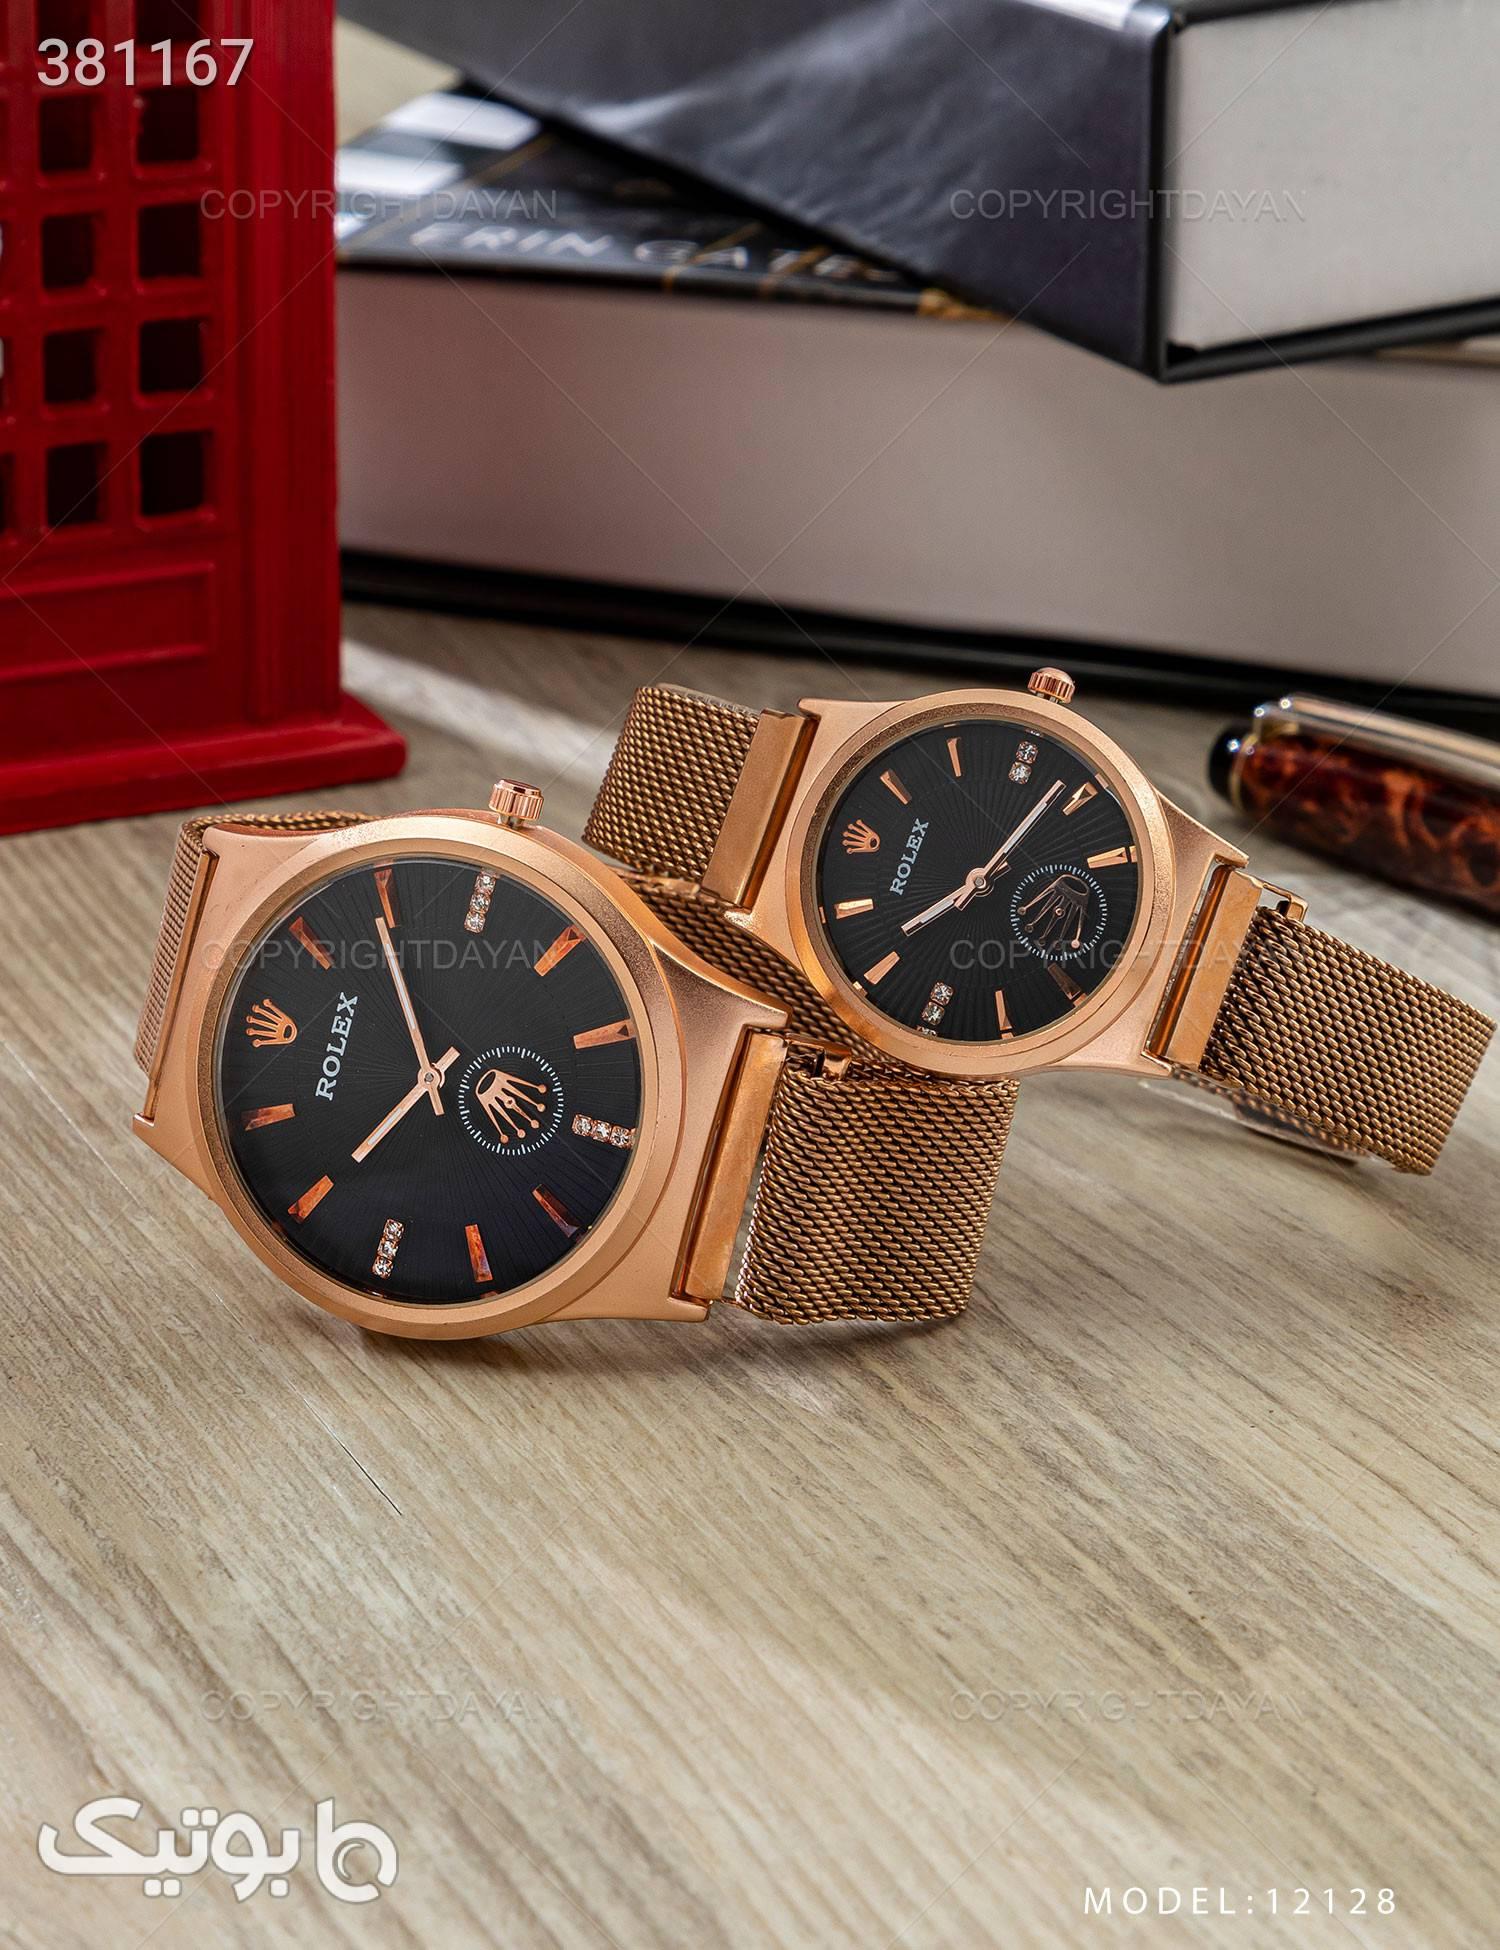 ست ساعت مچی Rolex مدل  12128 طلایی ساعت